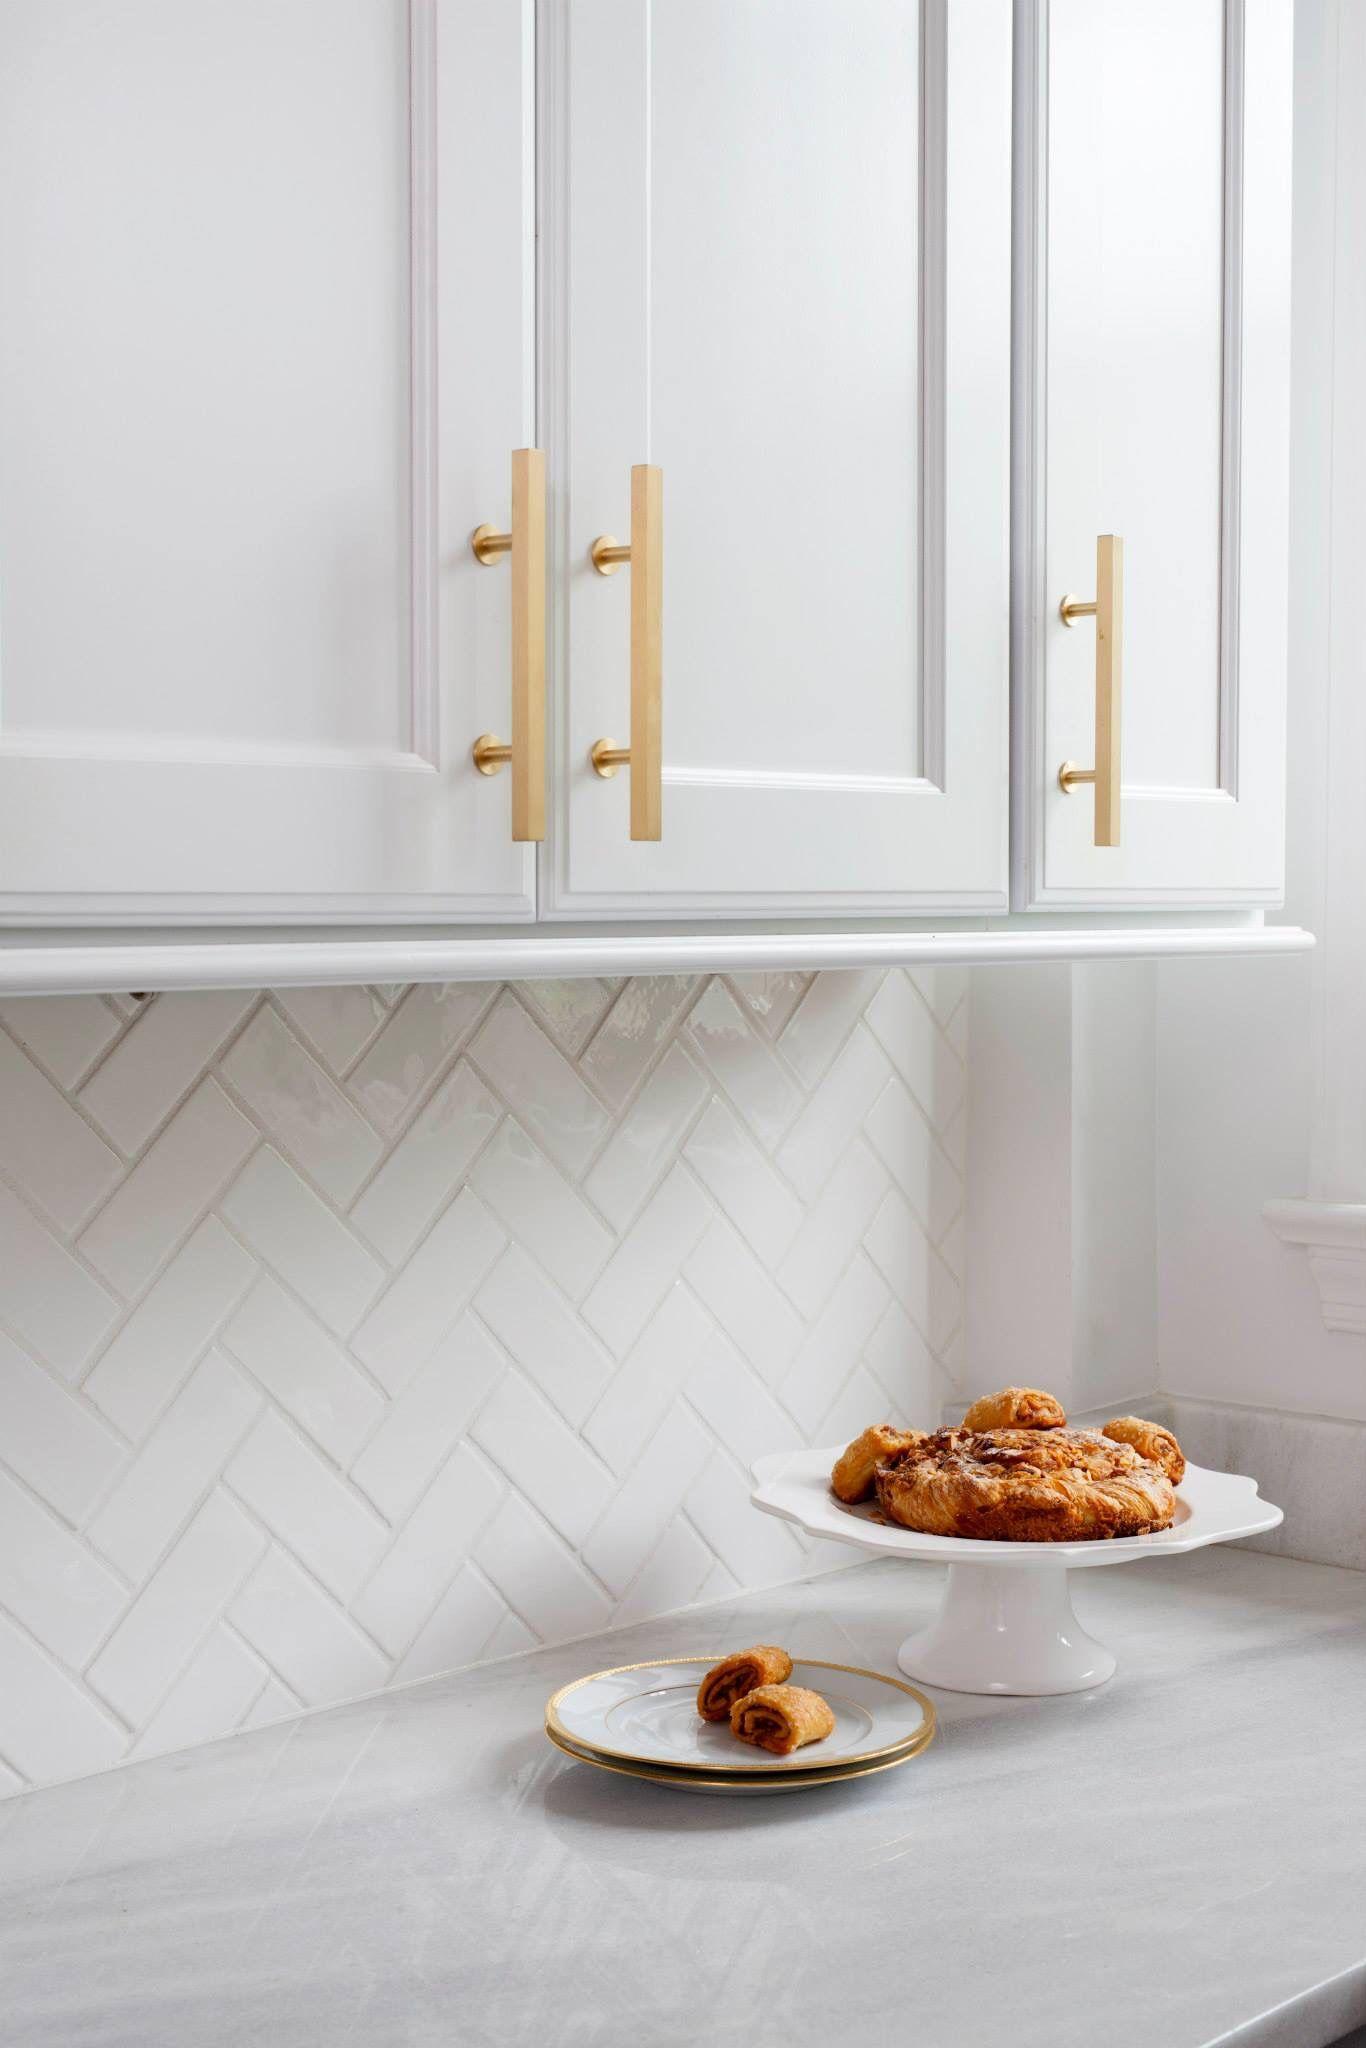 - Herringbone Backsplash With High Gloss White Subway Tile, Lew